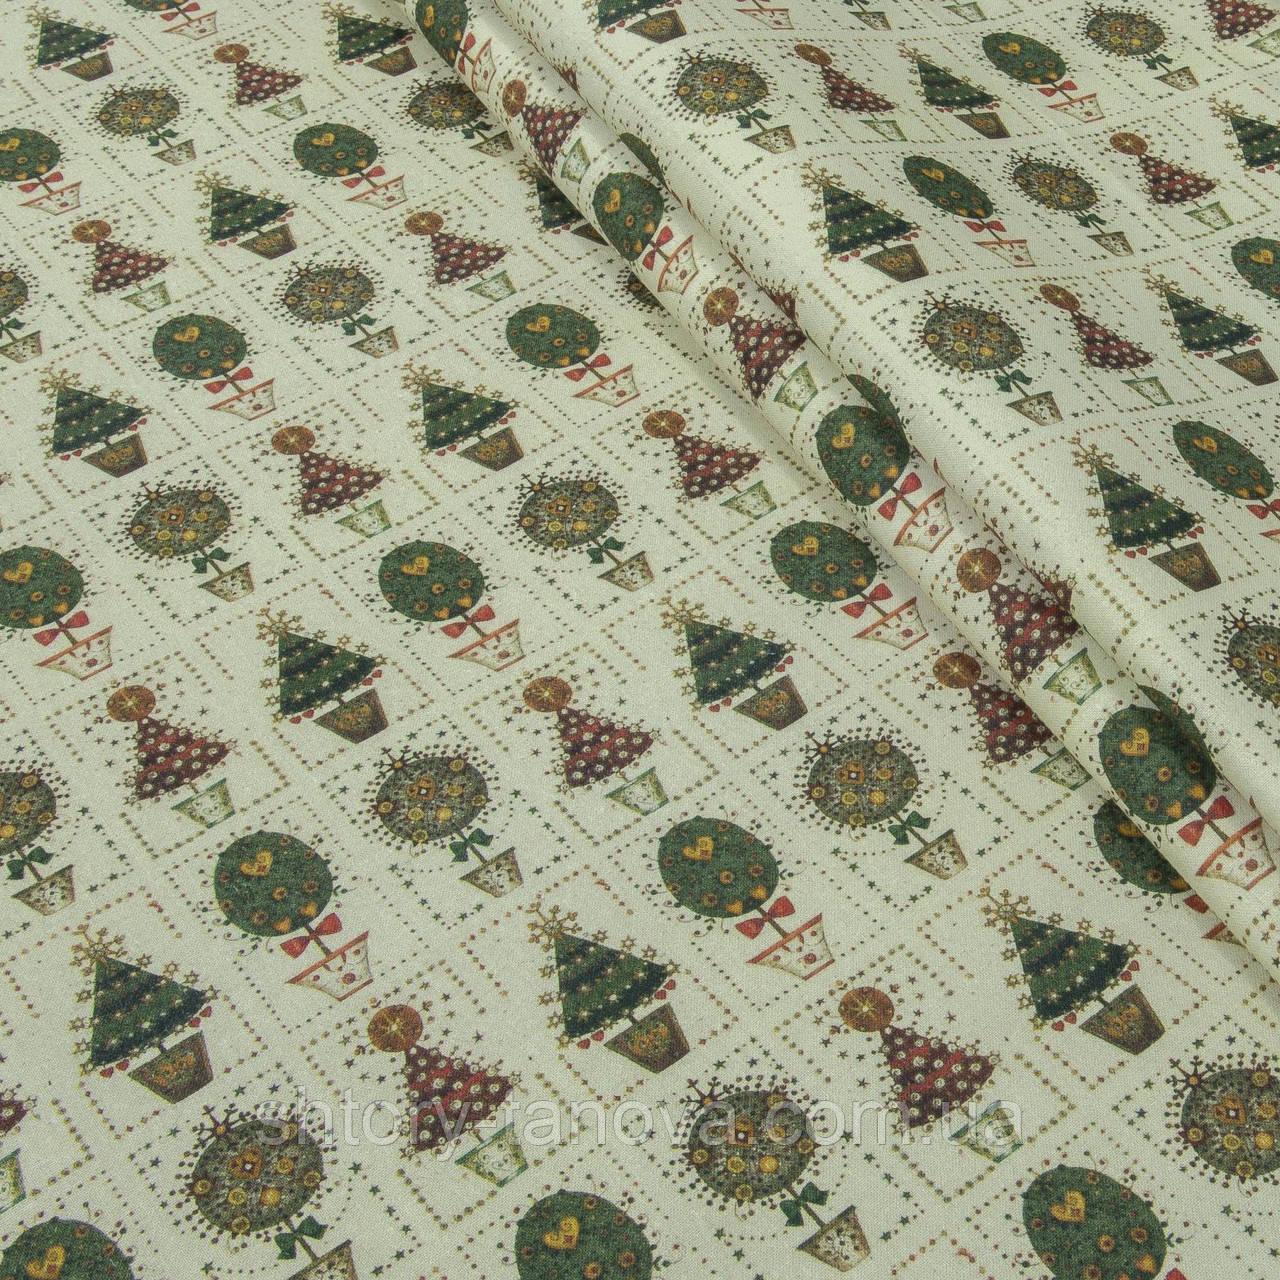 Декоративная ткань, хлопок 100%, с новогодним принтом, новогодние ёлочки